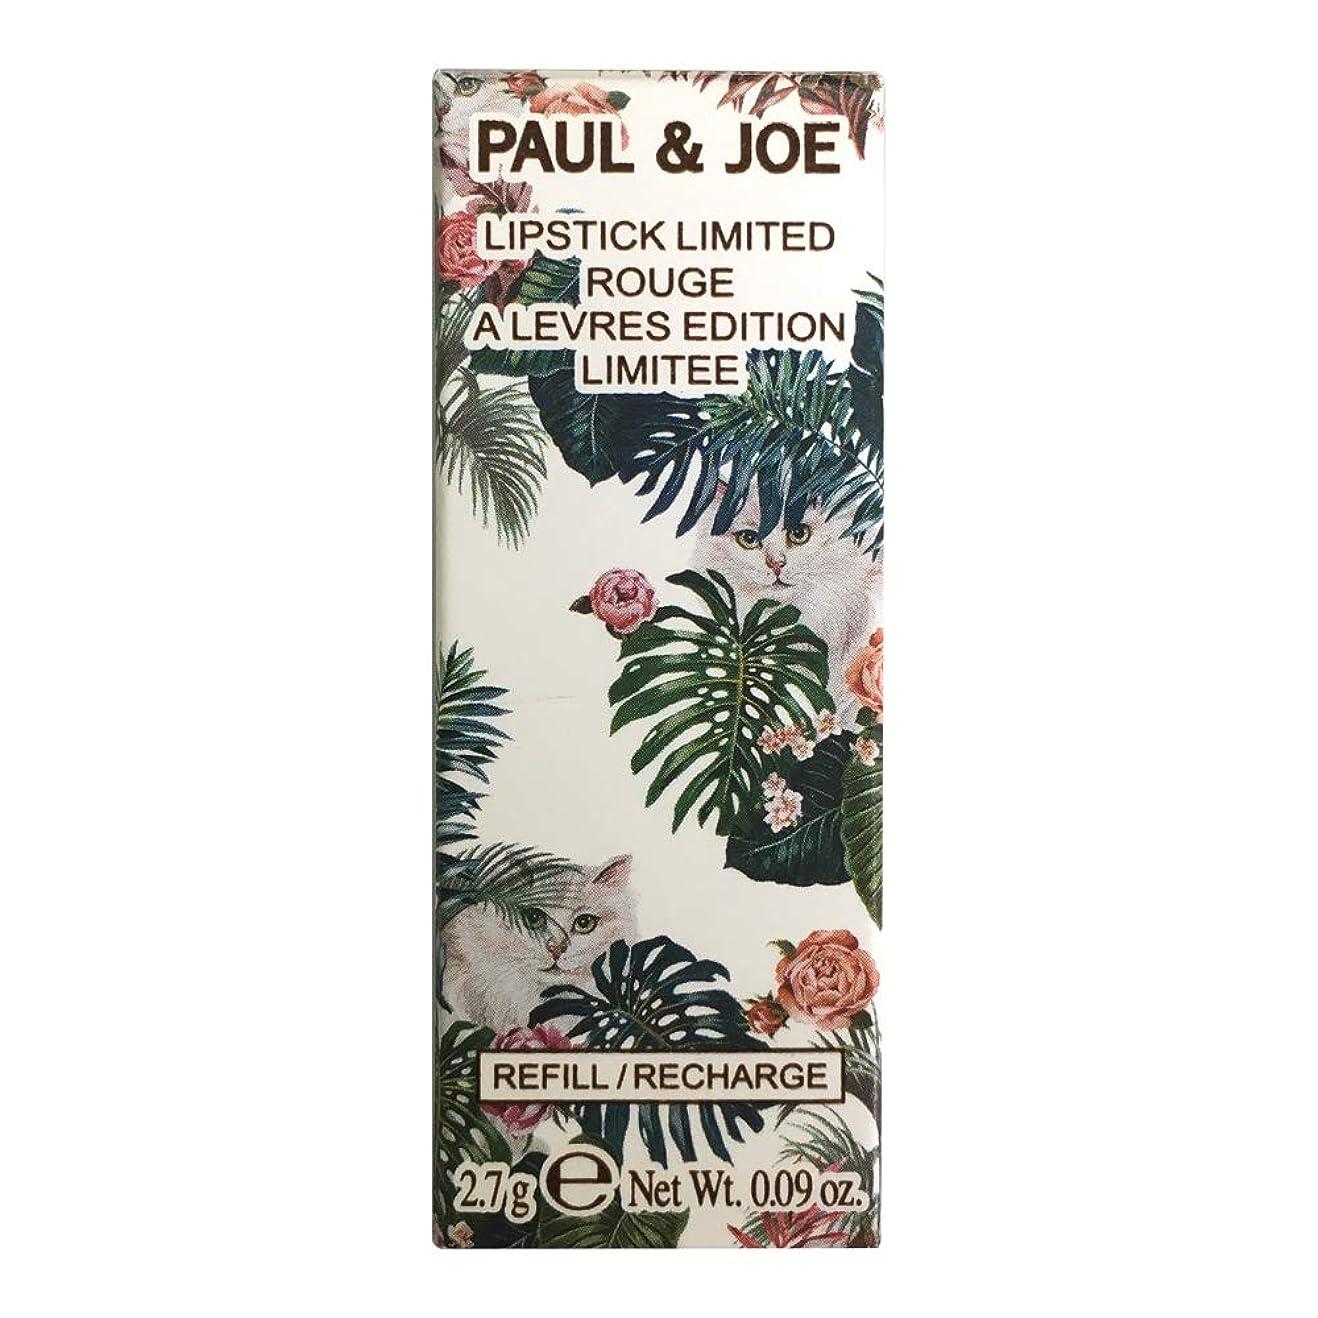 機転スワップ補体ポール & ジョー/PAUL & JOE リップスティック リミテッド #007(レフィル) (限定) [ 口紅 ] [並行輸入品]